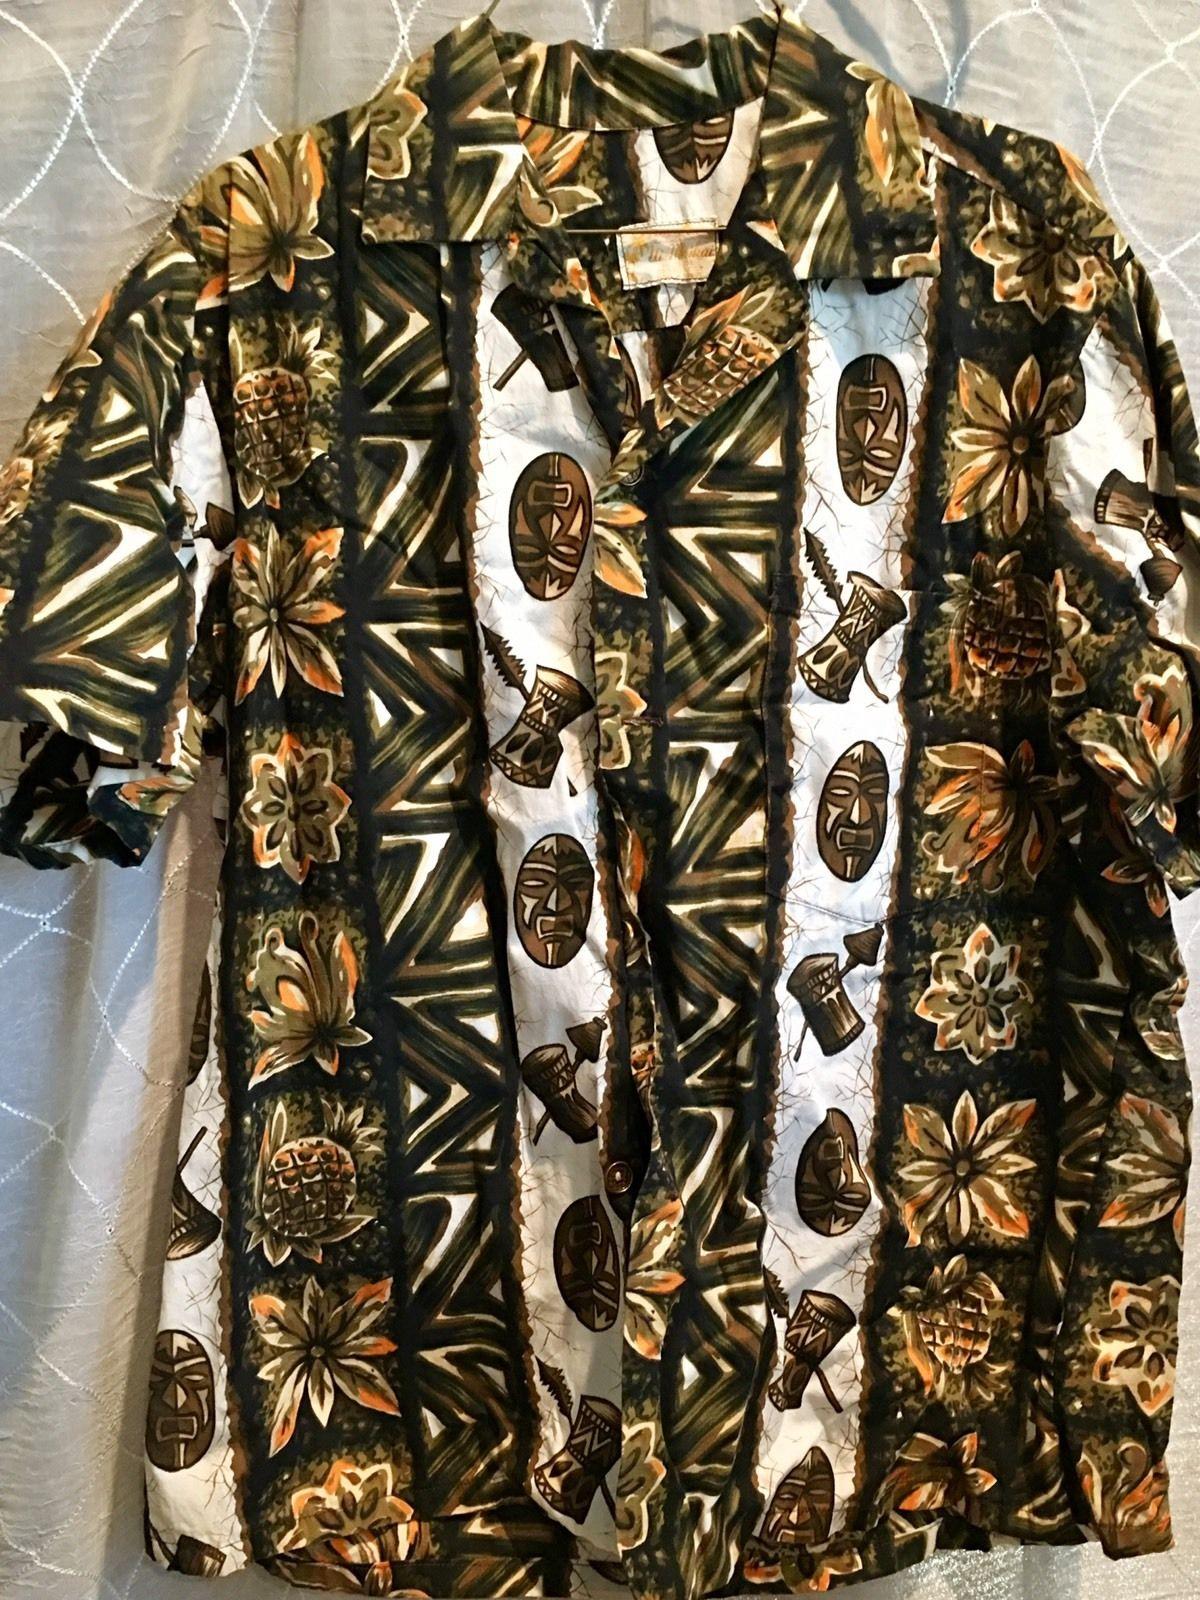 968cfe1f80b1 Hawaiian Shirts Nyc Buy - DREAMWORKS